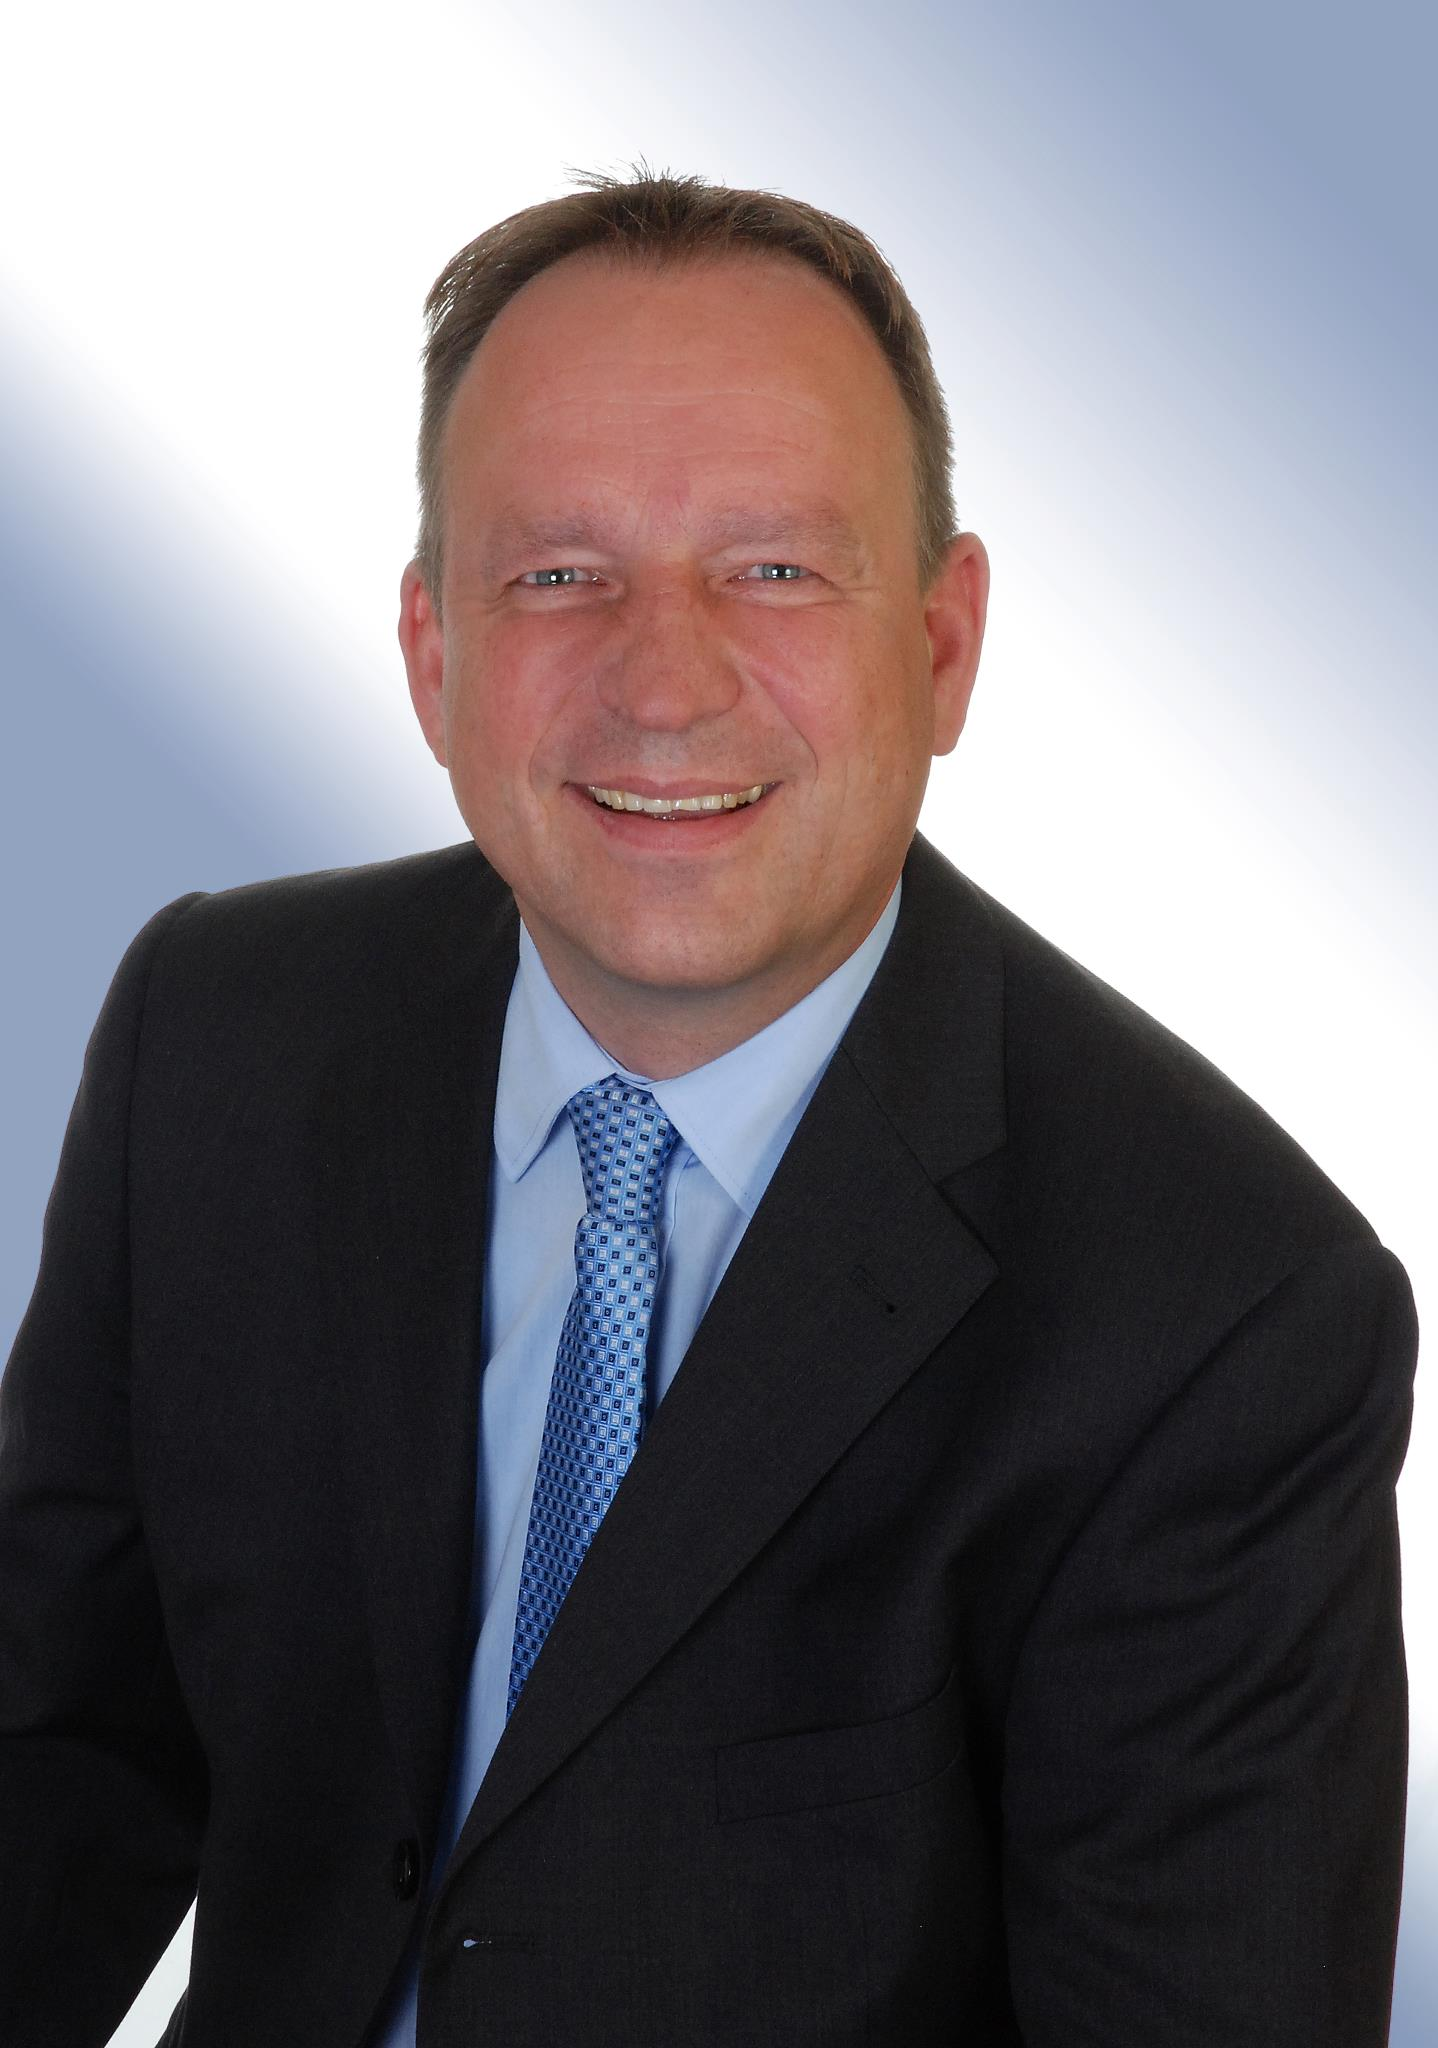 Frank Groß